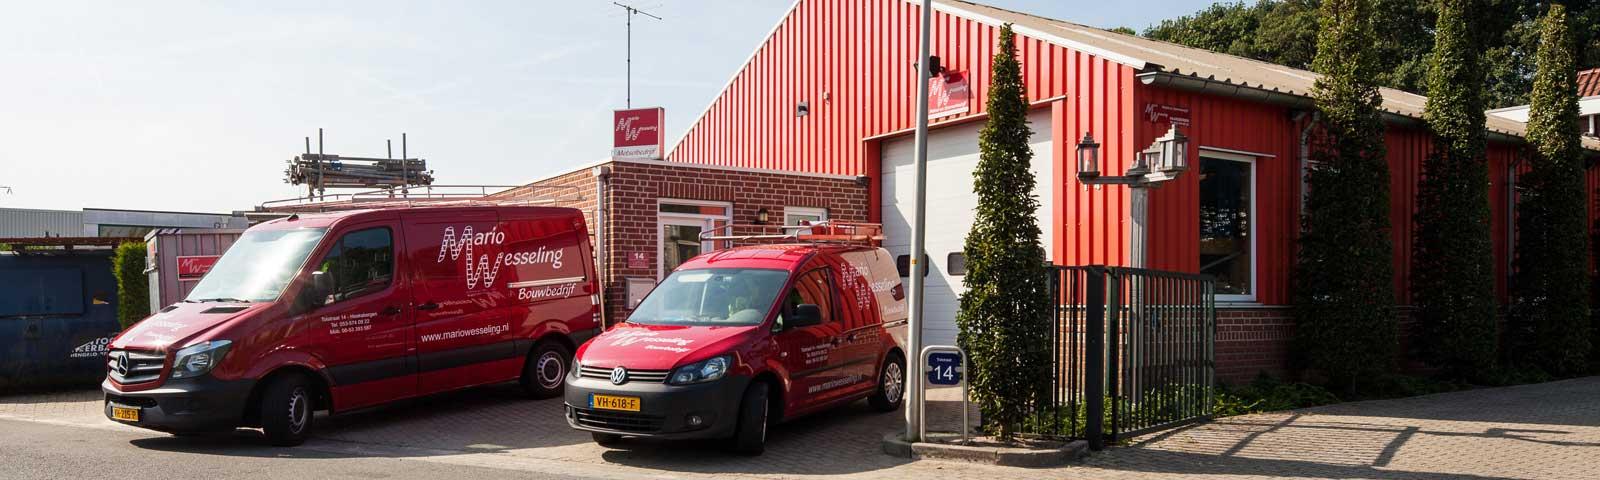 Bouwbedrijf in Gelderland